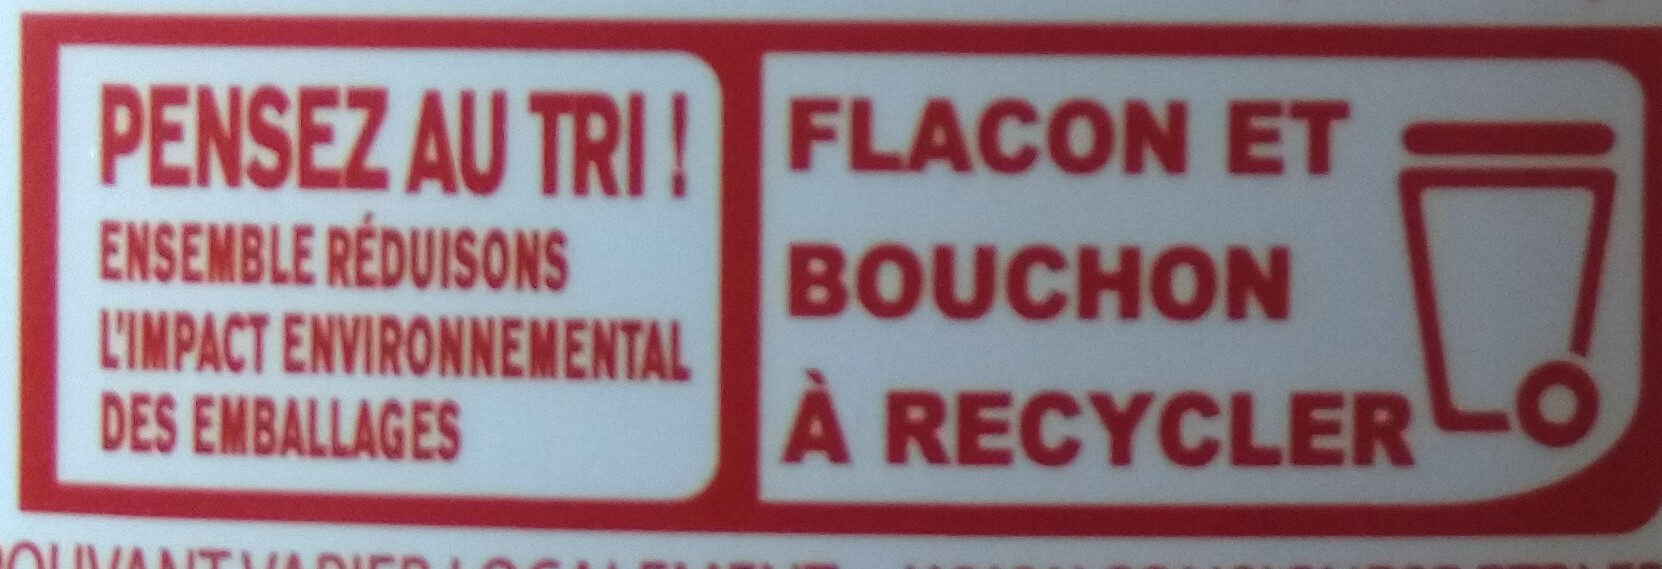 Sirop d'Agave équitable - Istruzioni per il riciclaggio e/o informazioni sull'imballaggio - fr